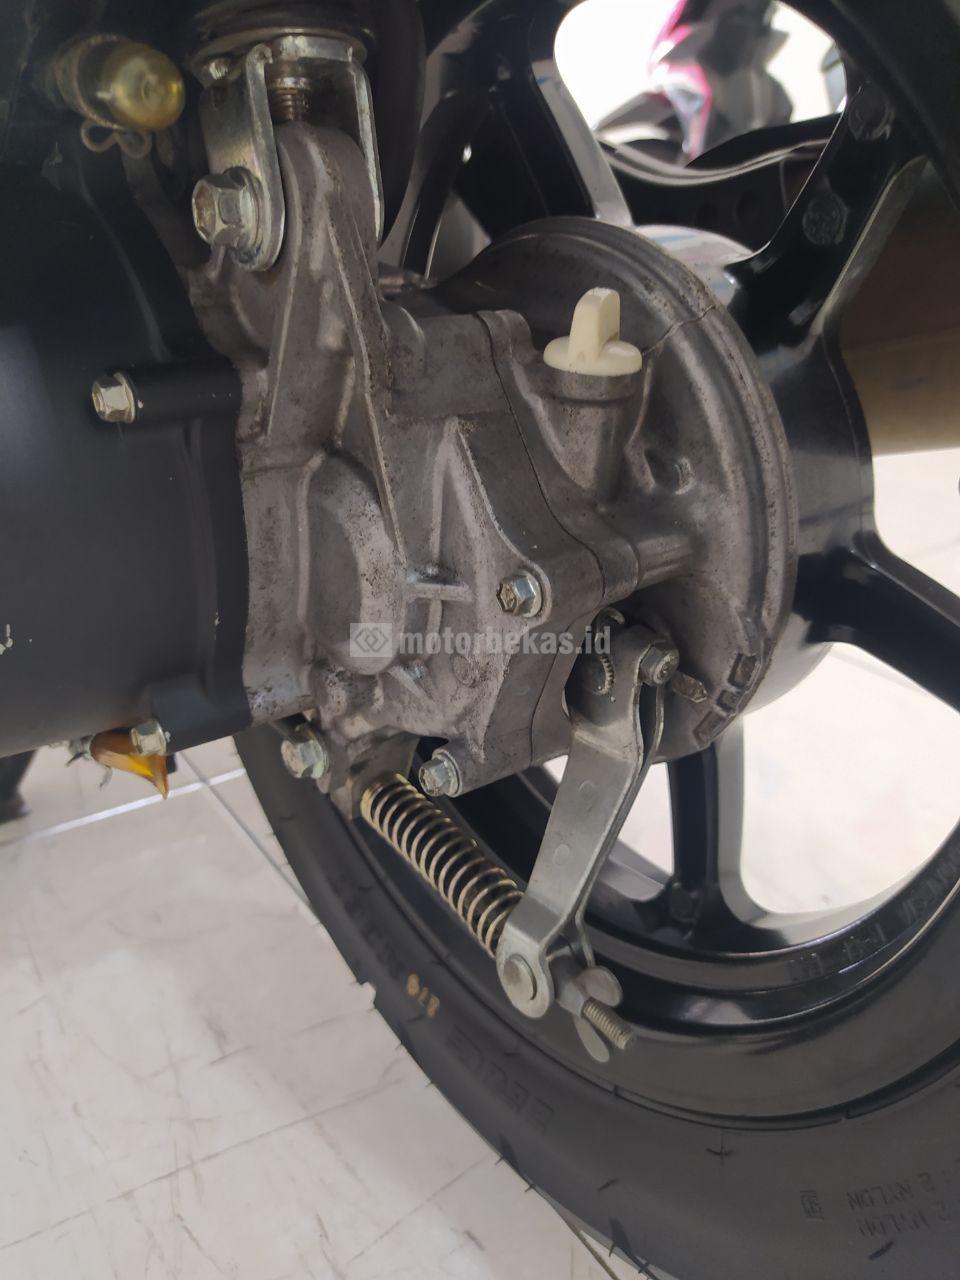 YAMAHA FREEGO  2104 motorbekas.id